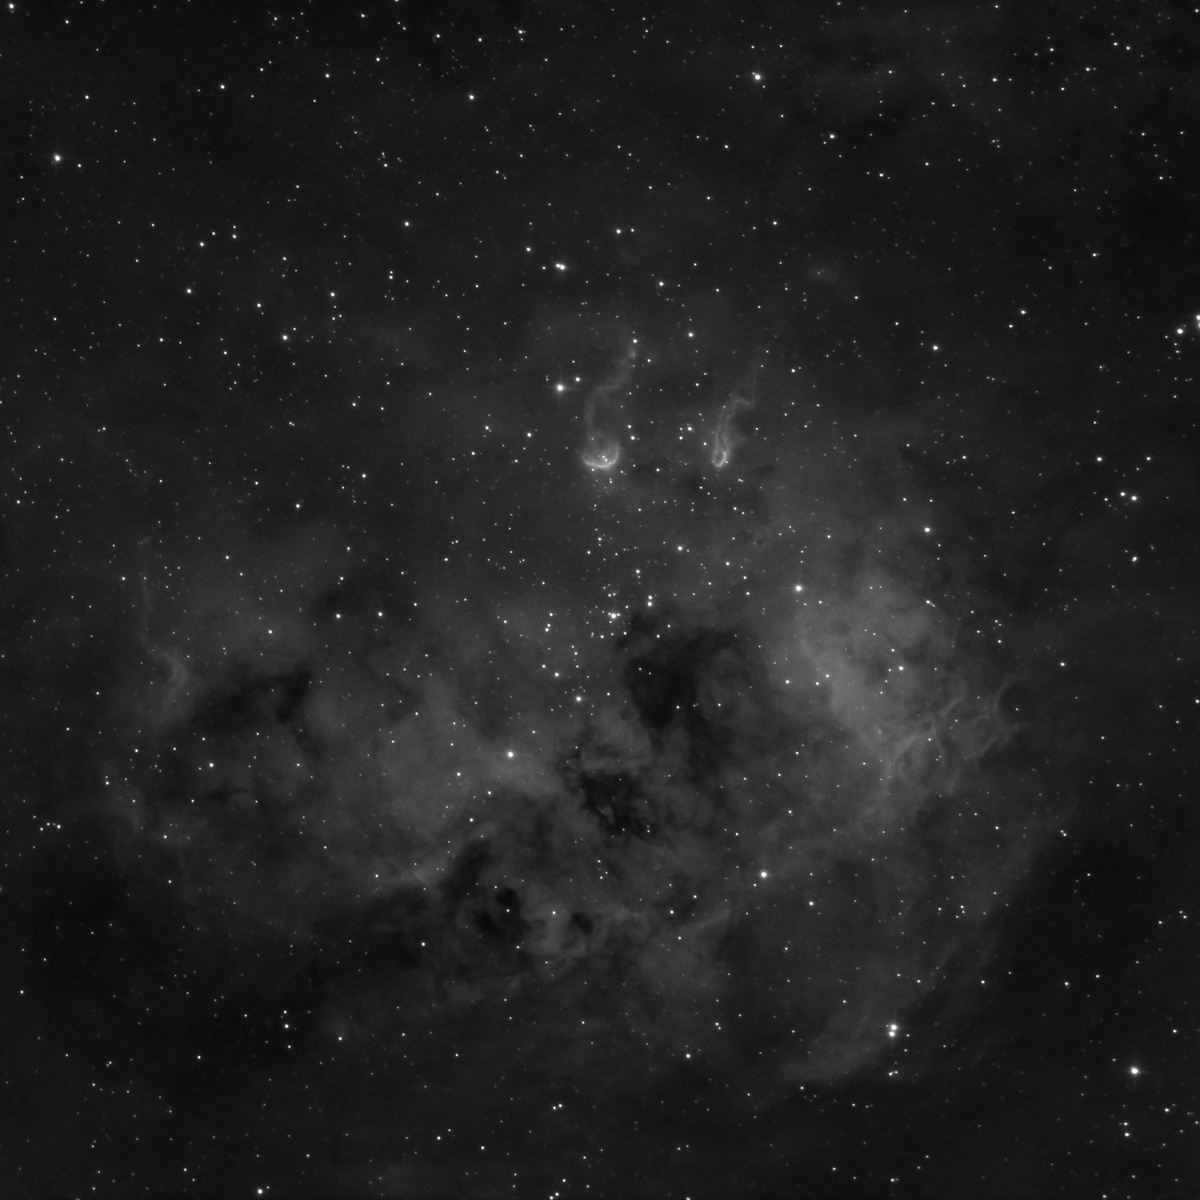 IC410_RC6.jpg